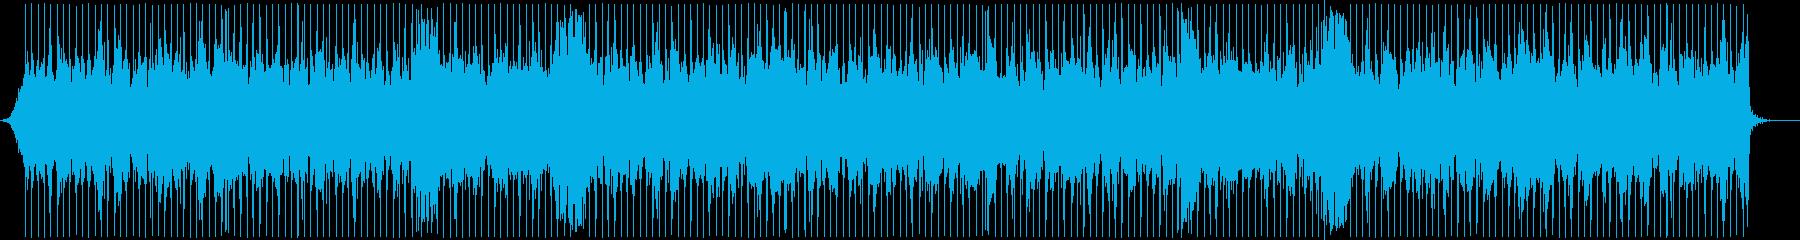 【プレイバック】oldFunk BGMの再生済みの波形